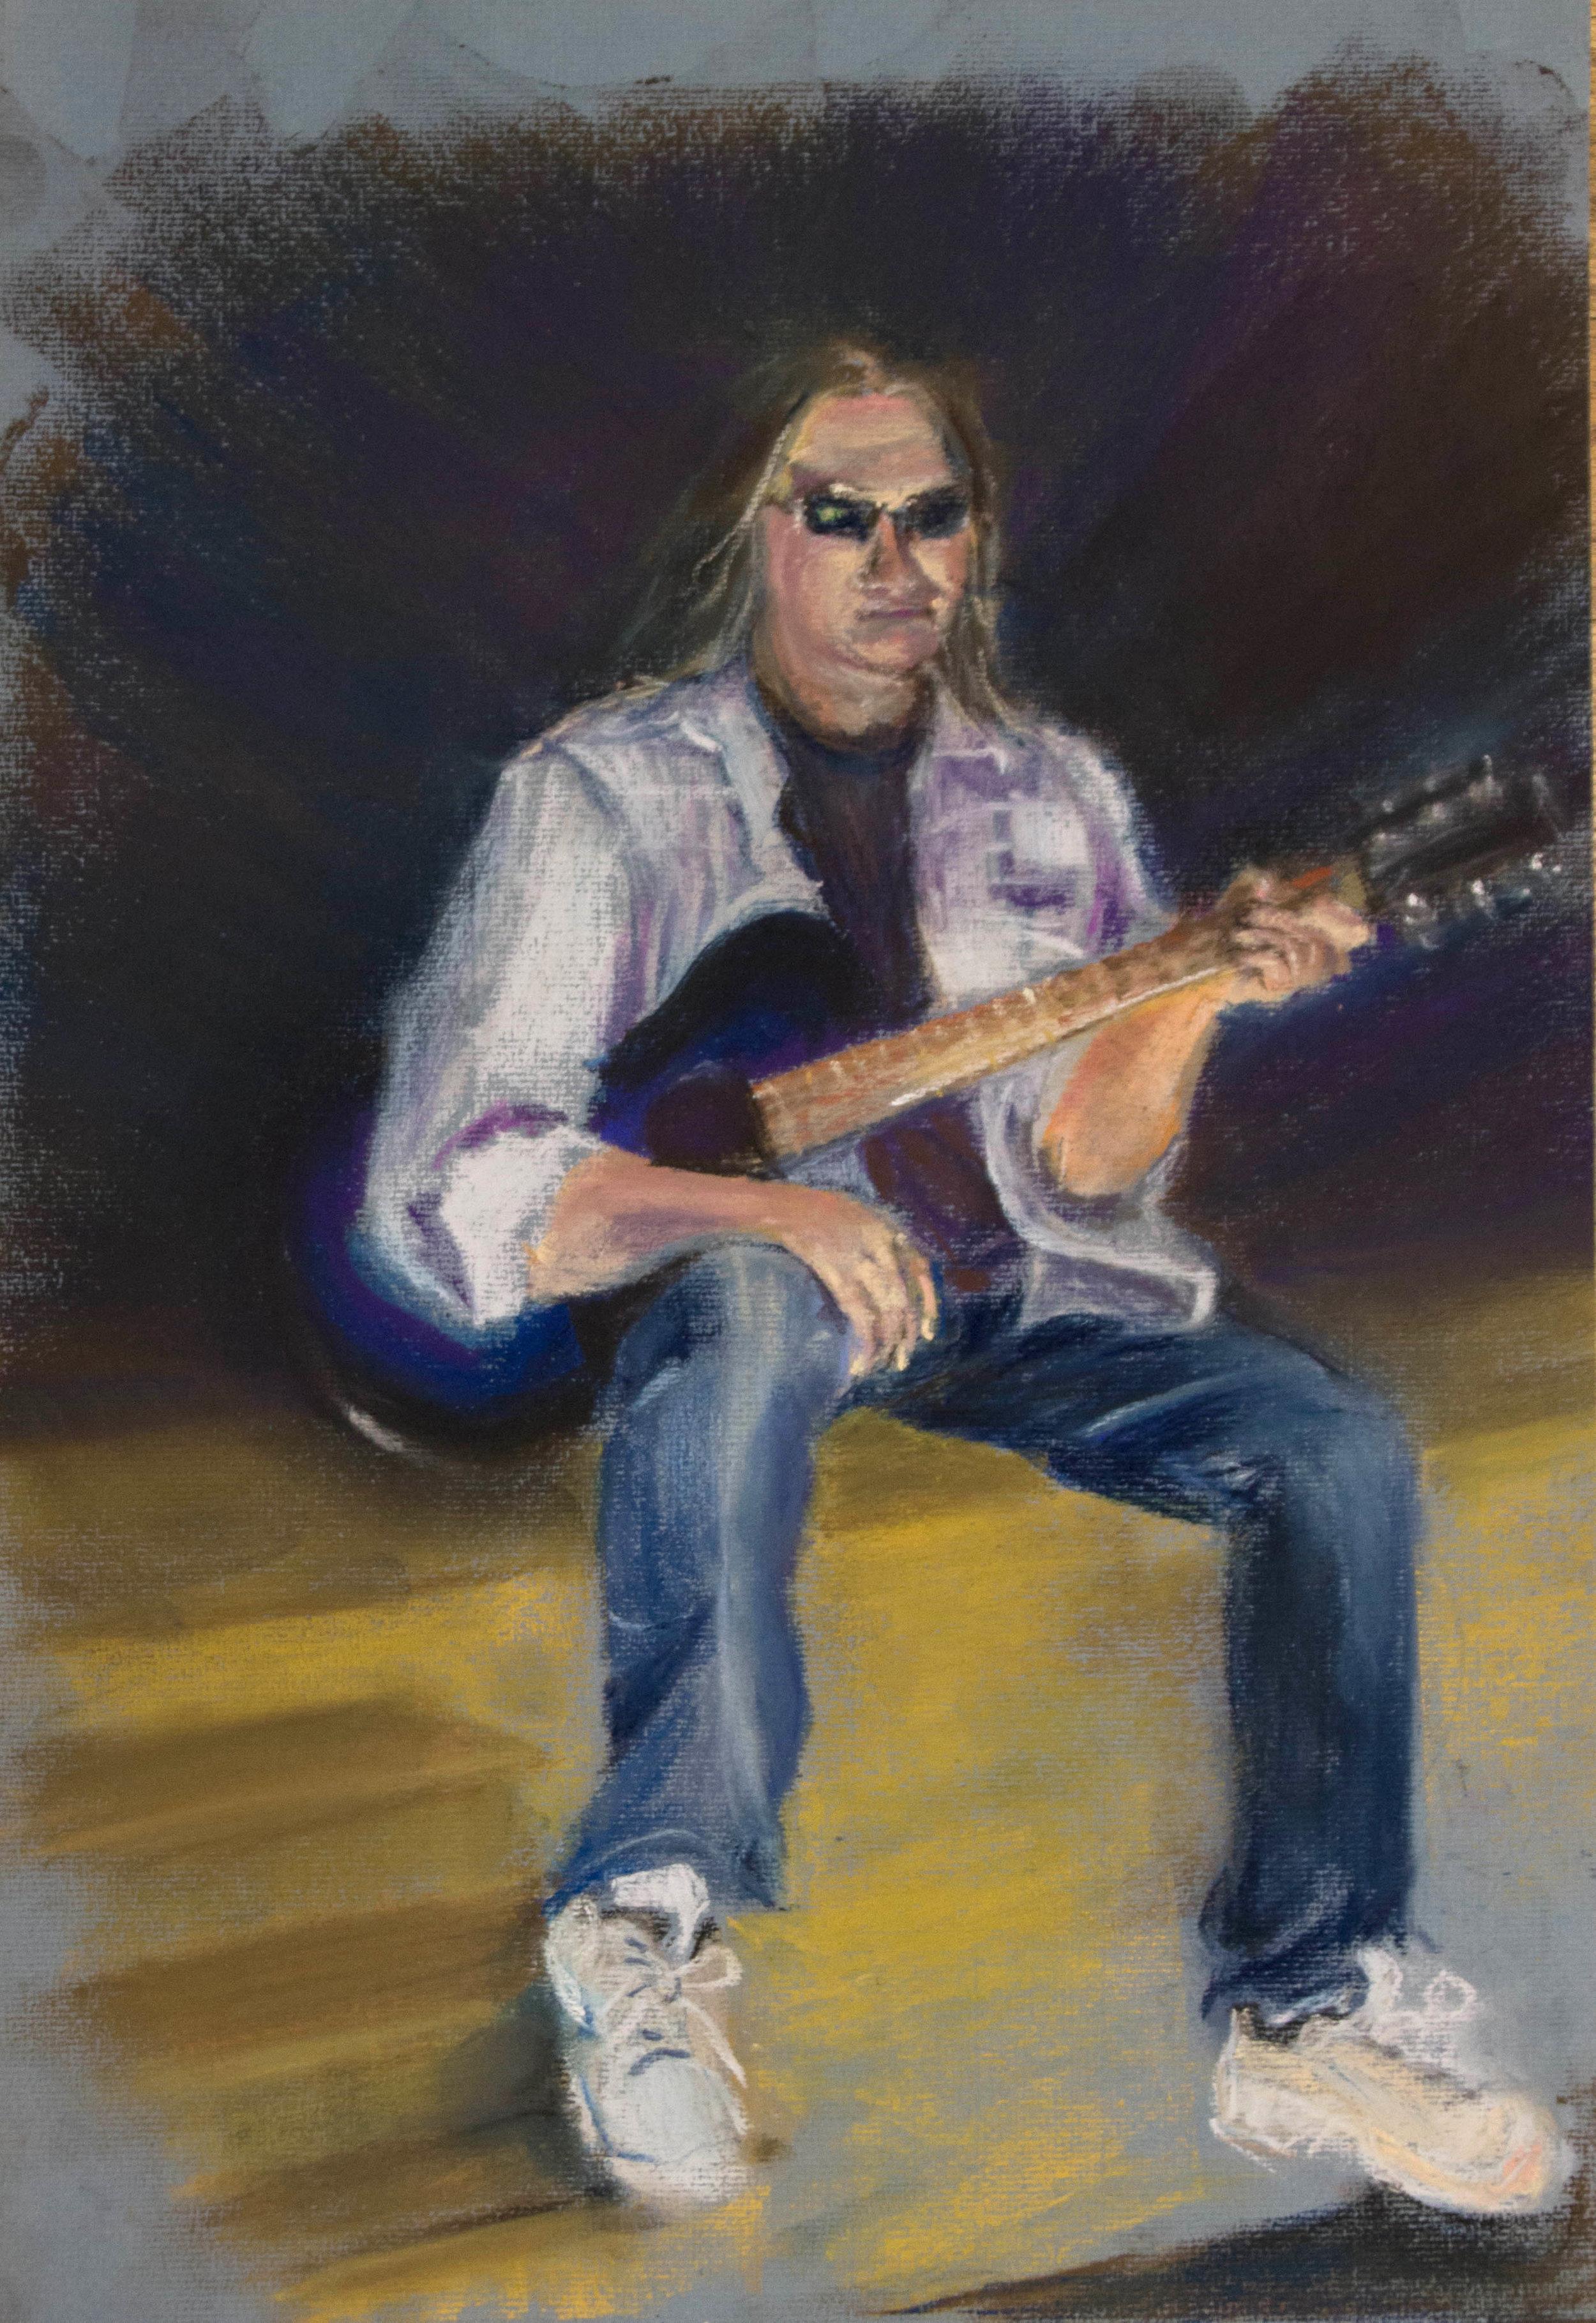 Rocker, pastel